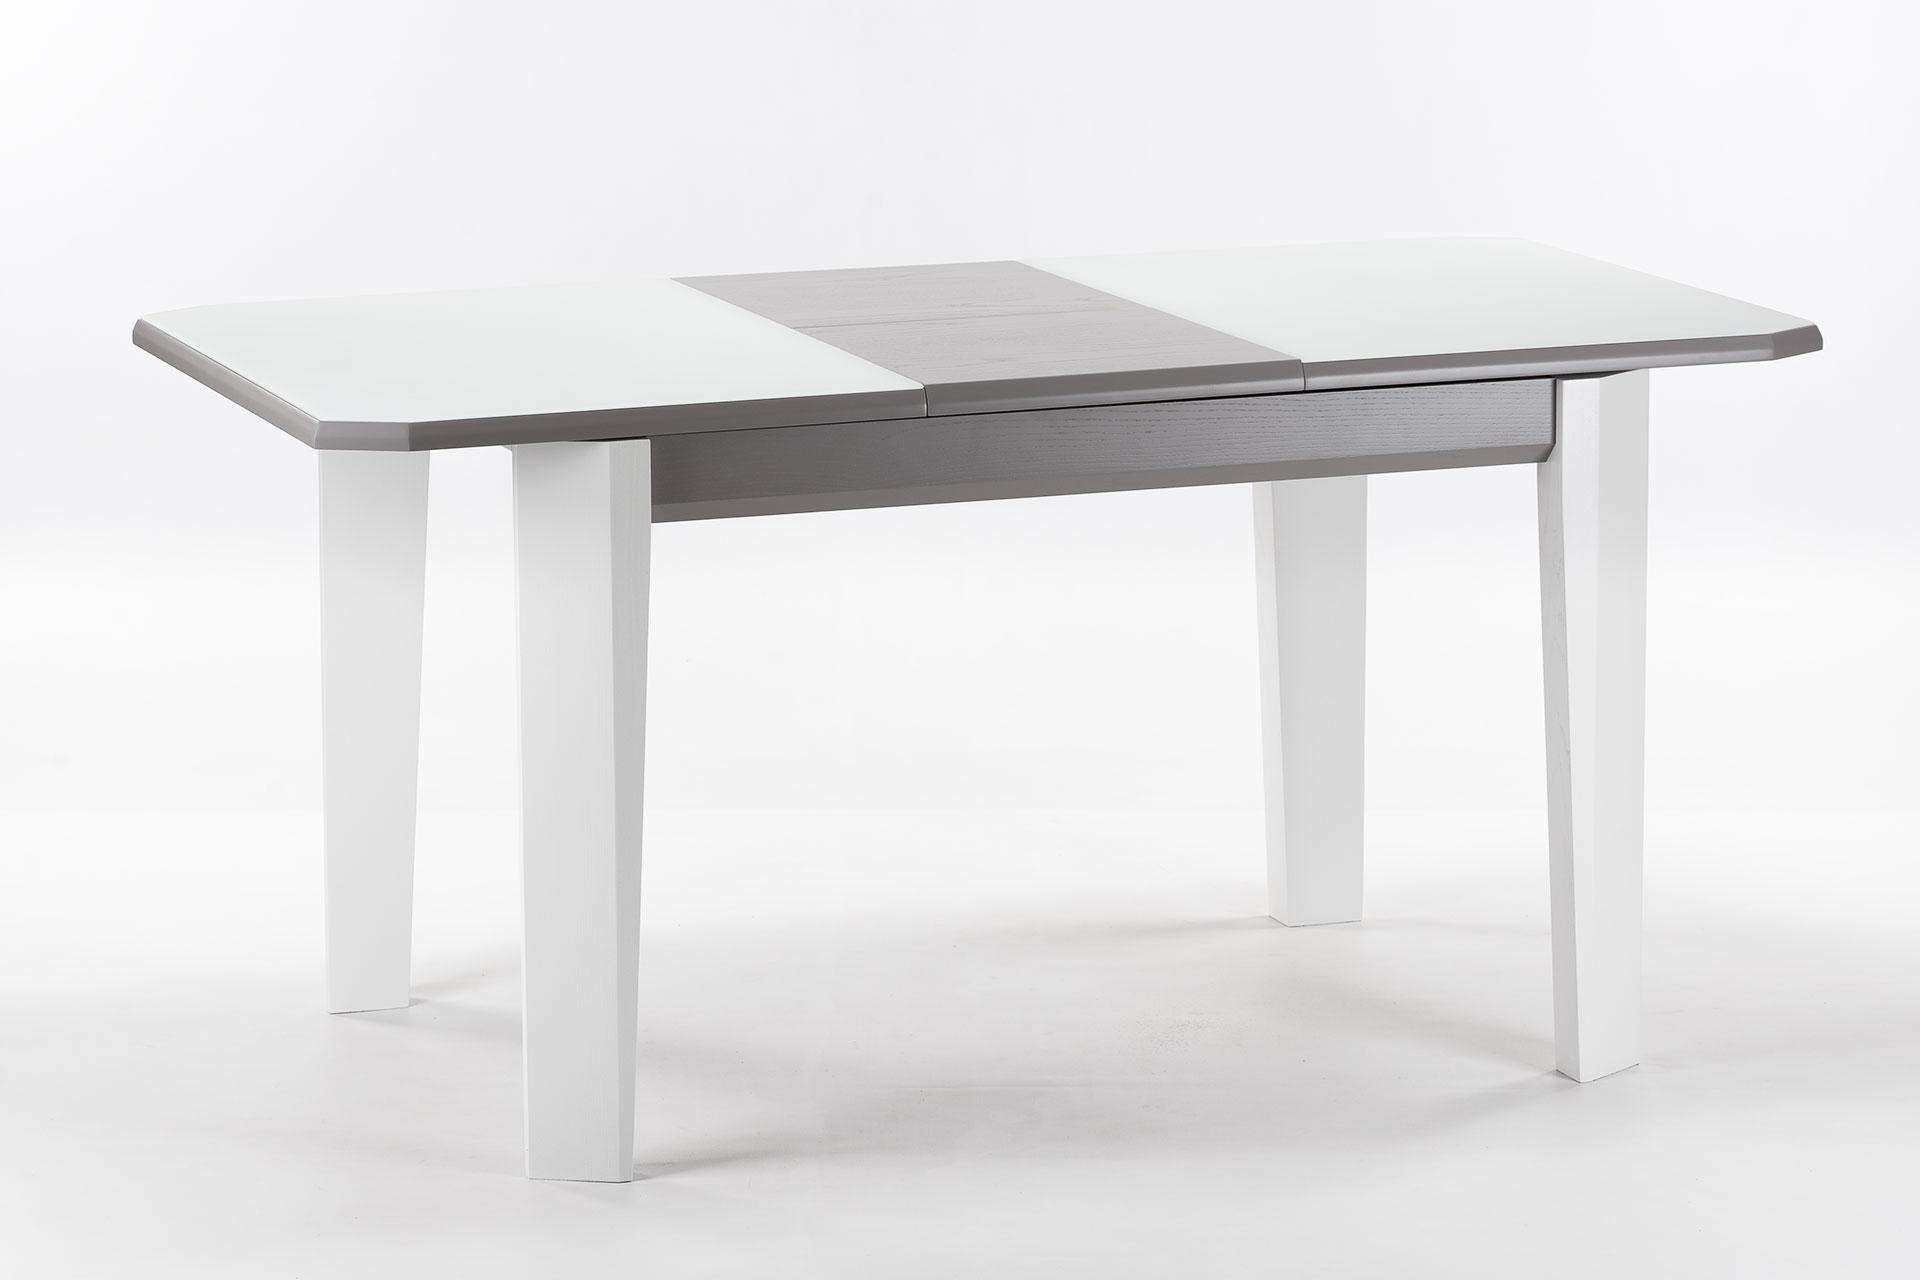 """Деревянный раскладной кухонный стол """"Варгас"""" с белой стеклянной столешницей, серой вставкой столешницы, белыми ножками, твердое дерево. Разложенный"""